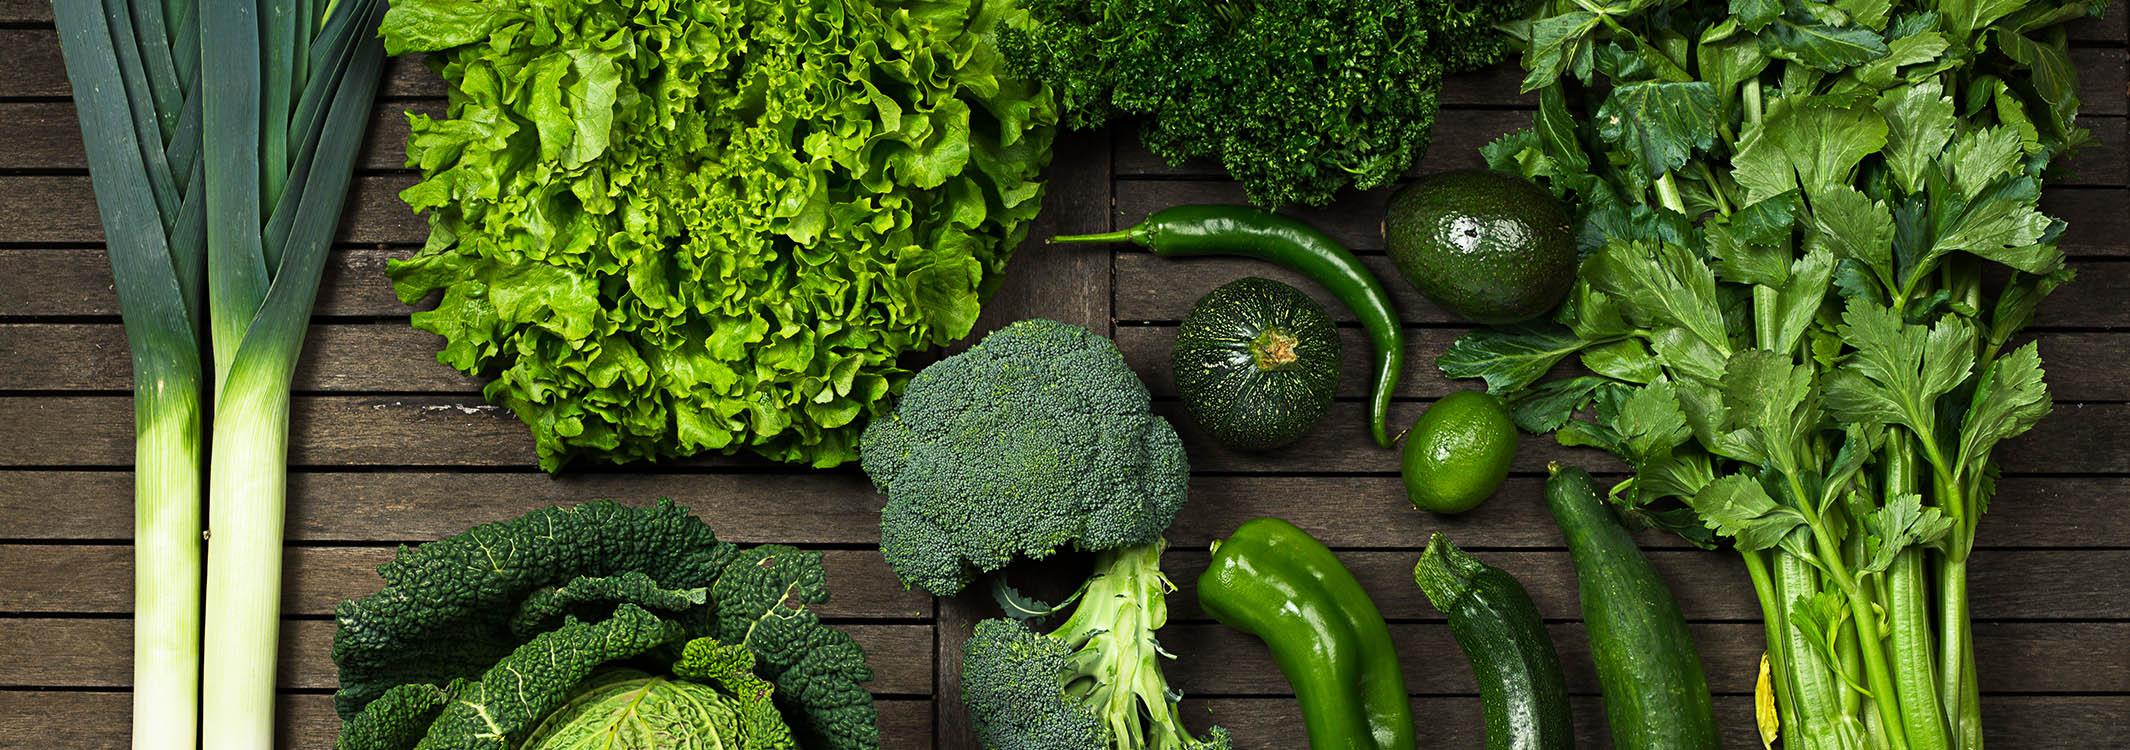 فوائد جمة لتناول الخضروات الورقية الخضراء خاصةً الداكنة